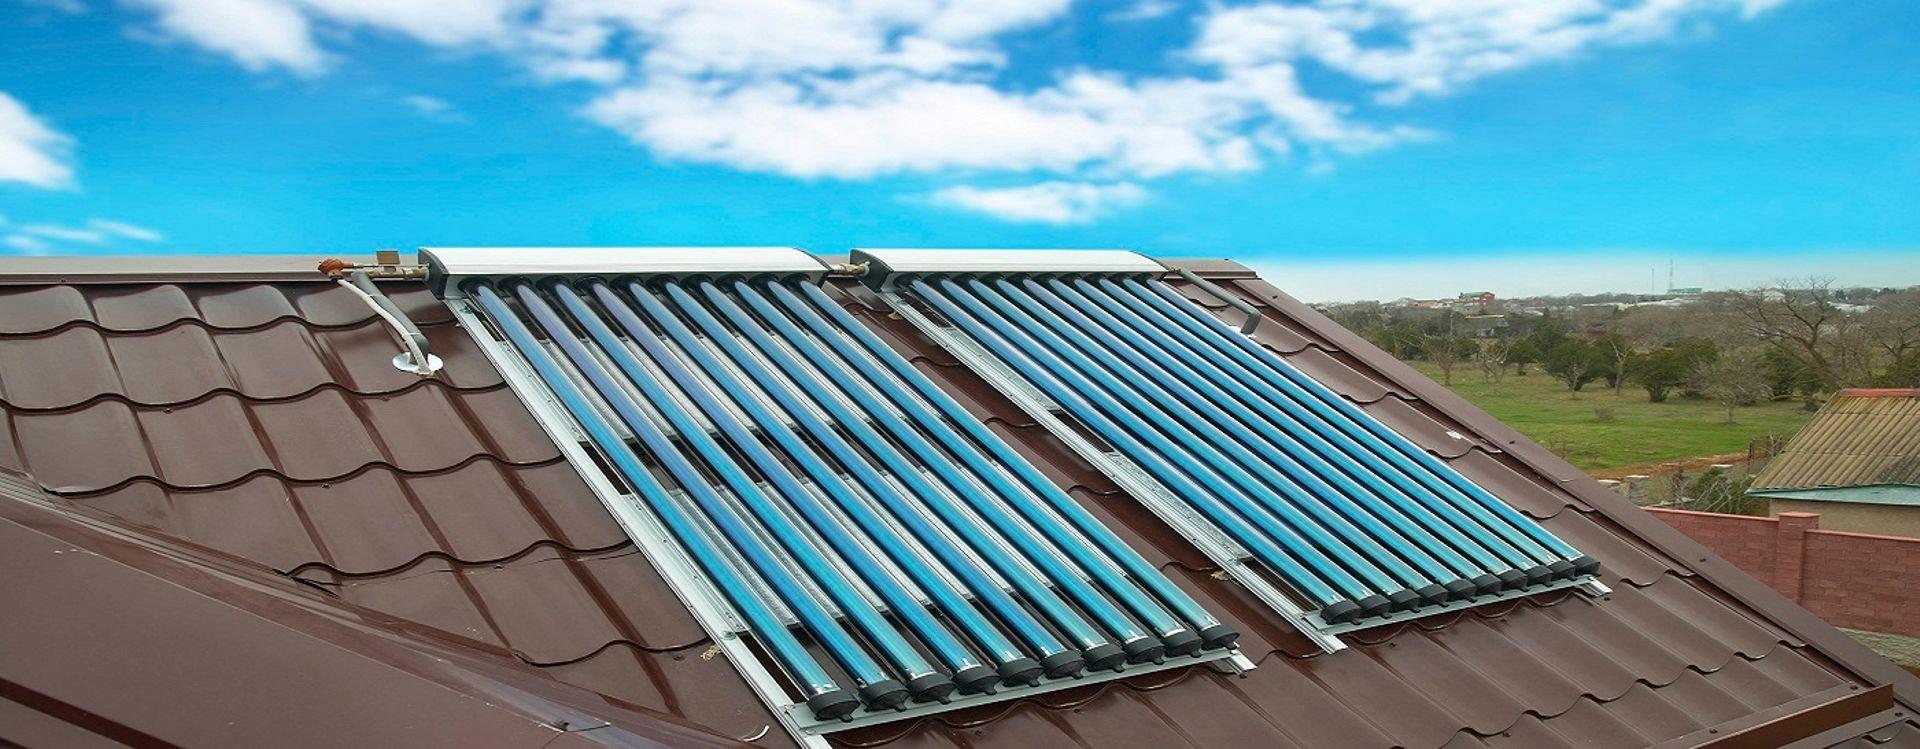 تعرف على طريقة اختيار أفضل سخان شمسي (حمام شمسي) والنقاط التي يجب مراعاتها عند اختيار نظام تسخين المياه بالطاقة الشمسية